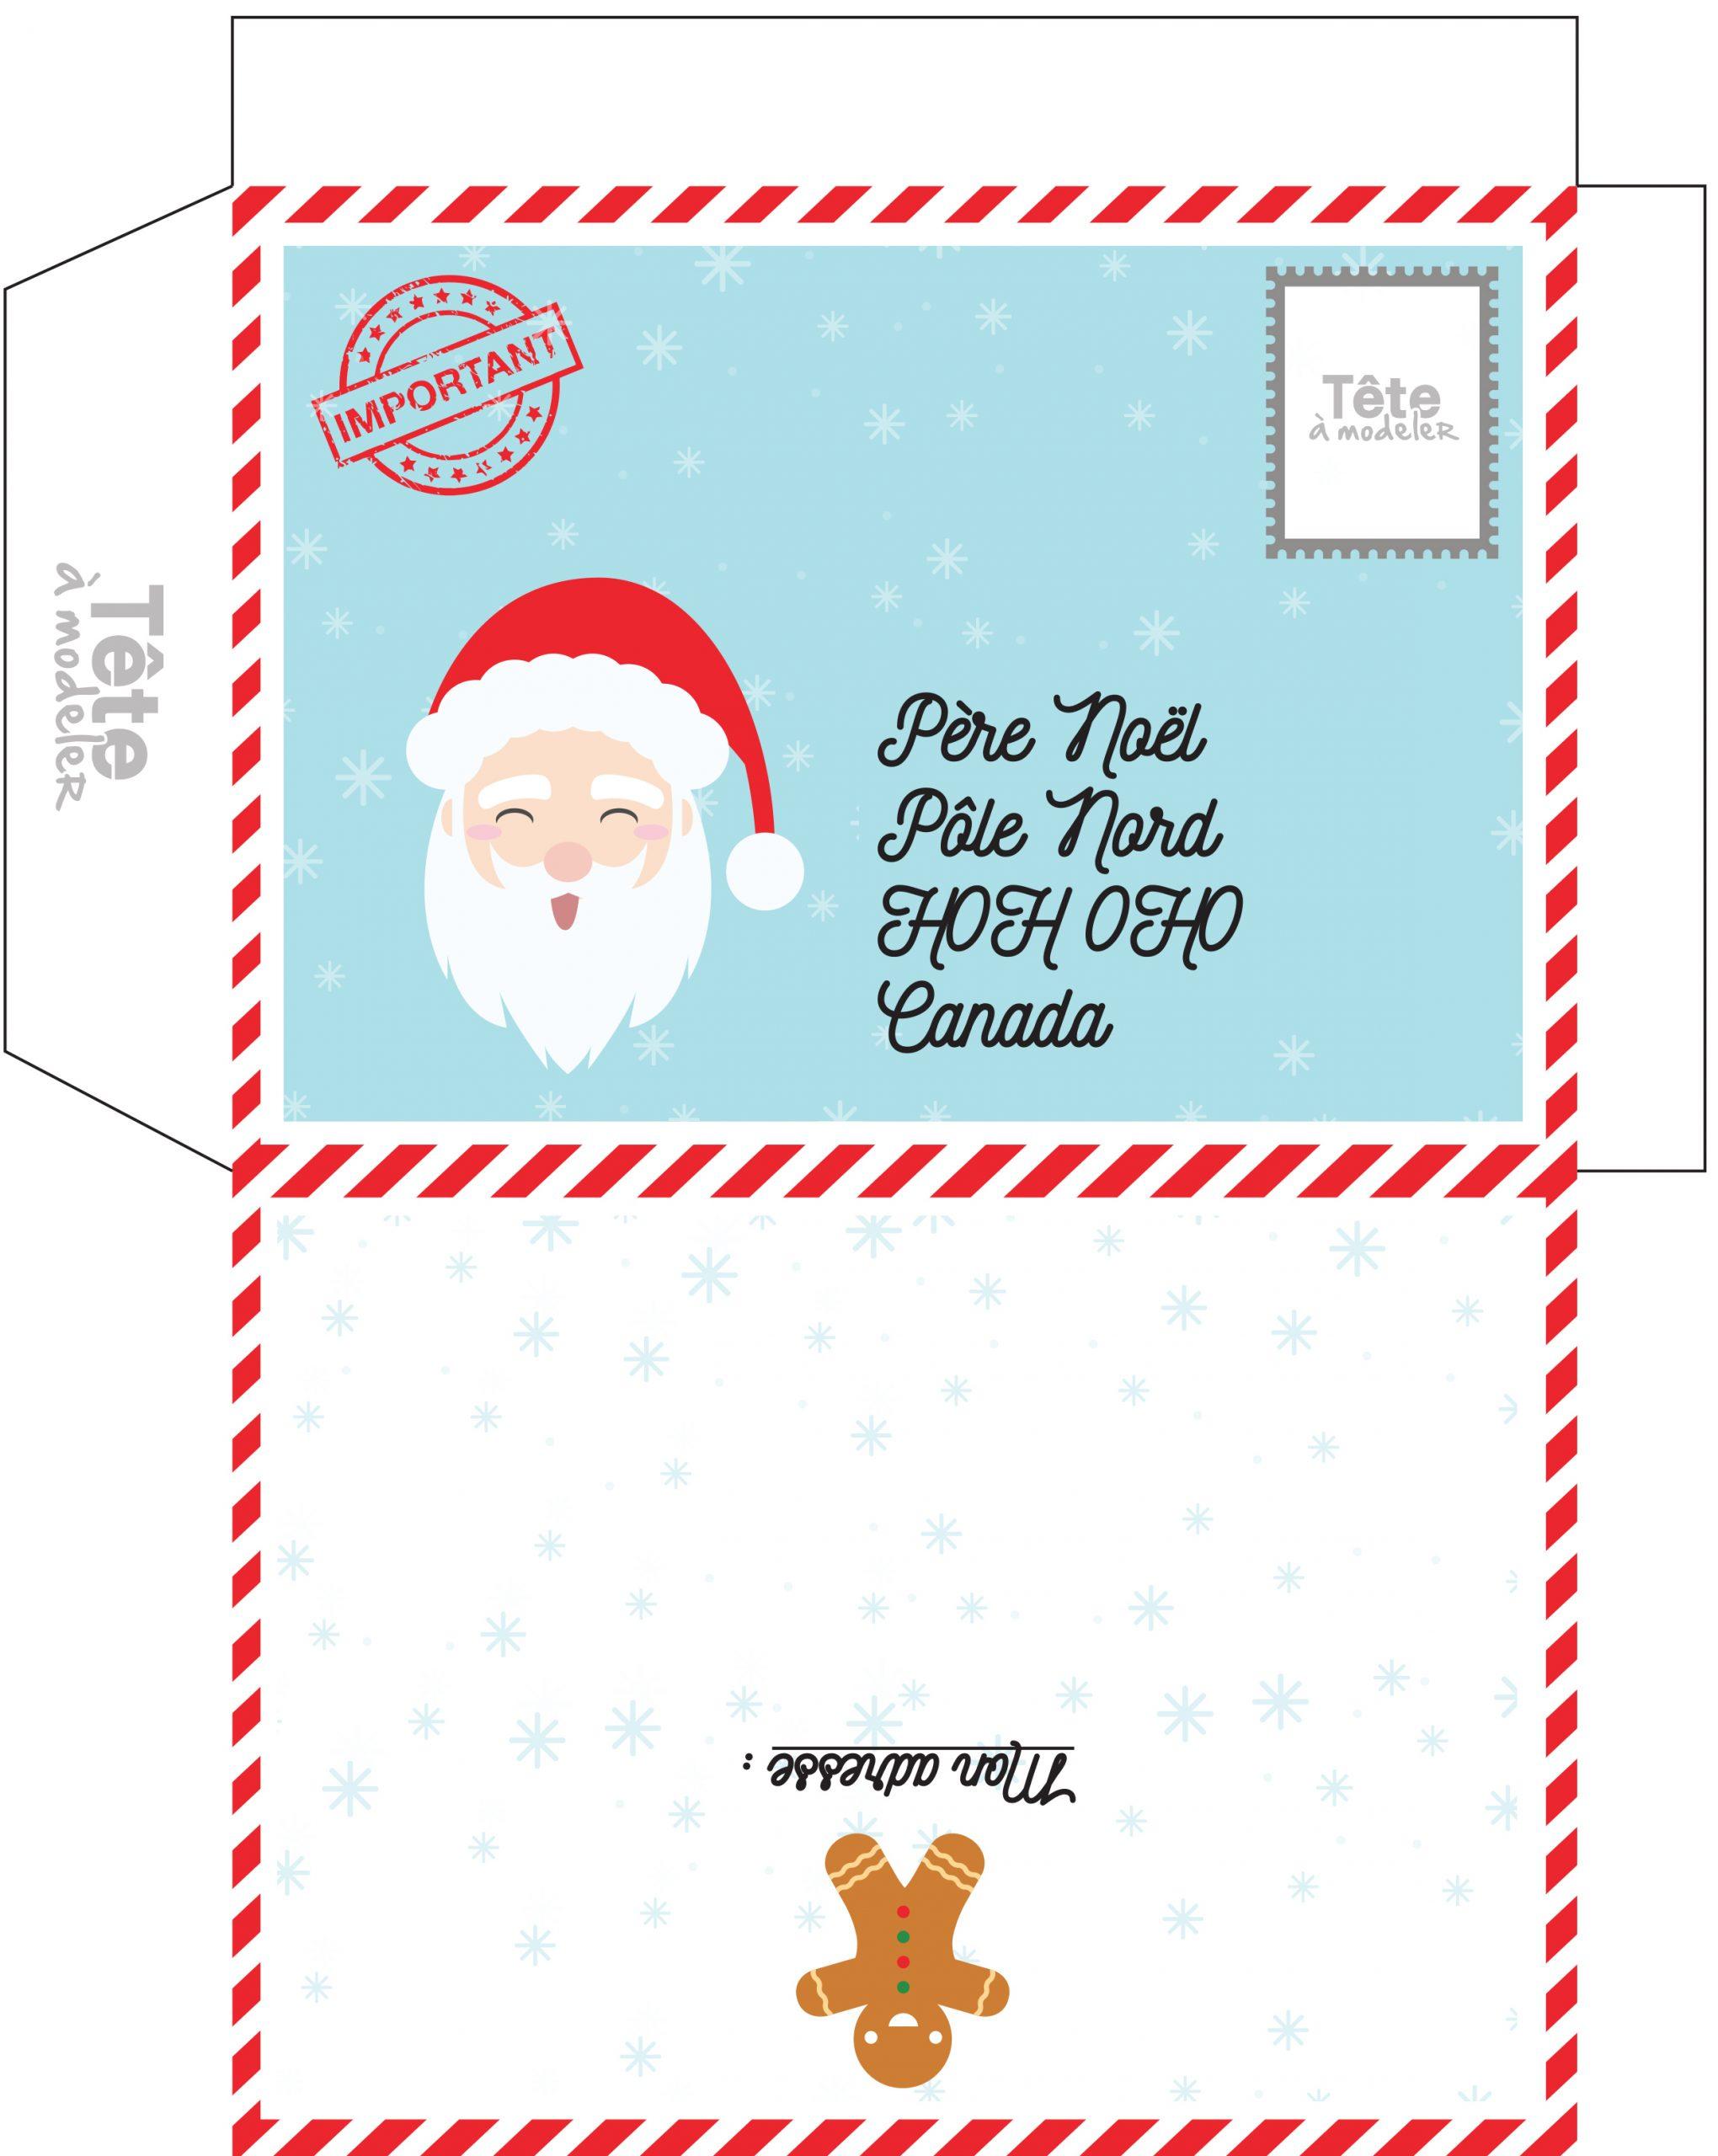 Enveloppe De Noël À Imprimer Pour Le Canada encequiconcerne Papier À Lettre Père Noel À Imprimer Gratuitement